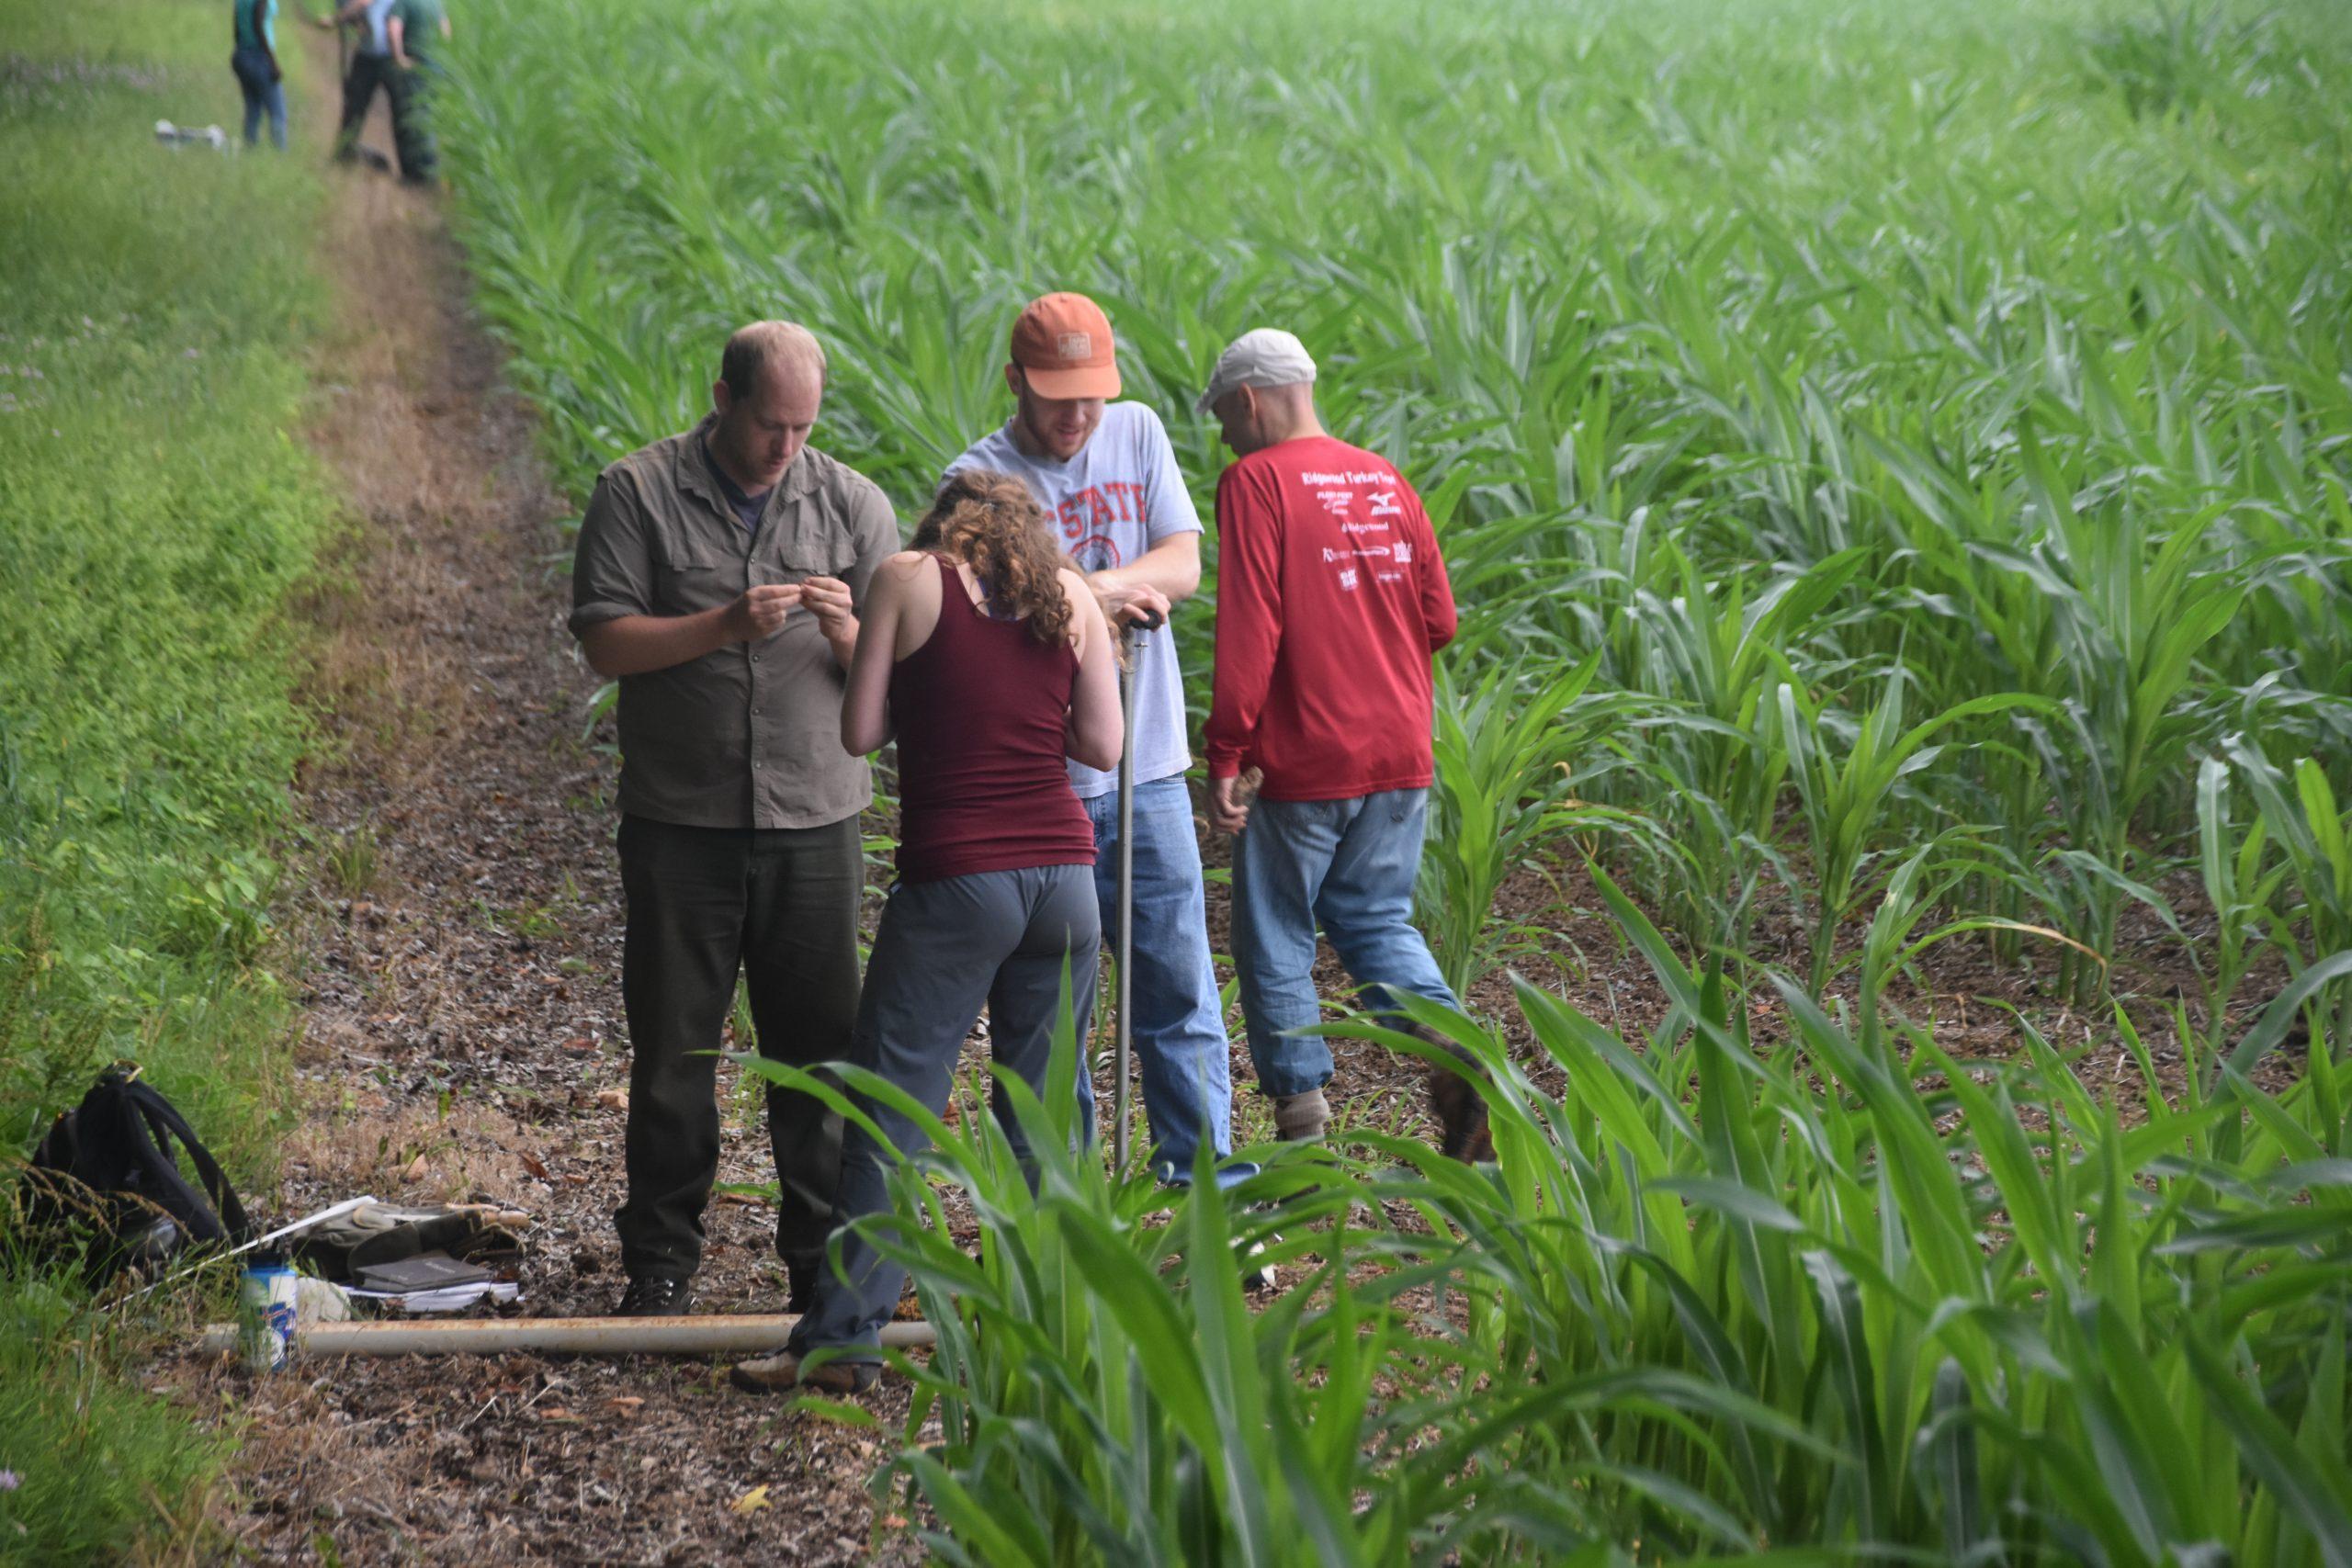 Soil researchers in the field